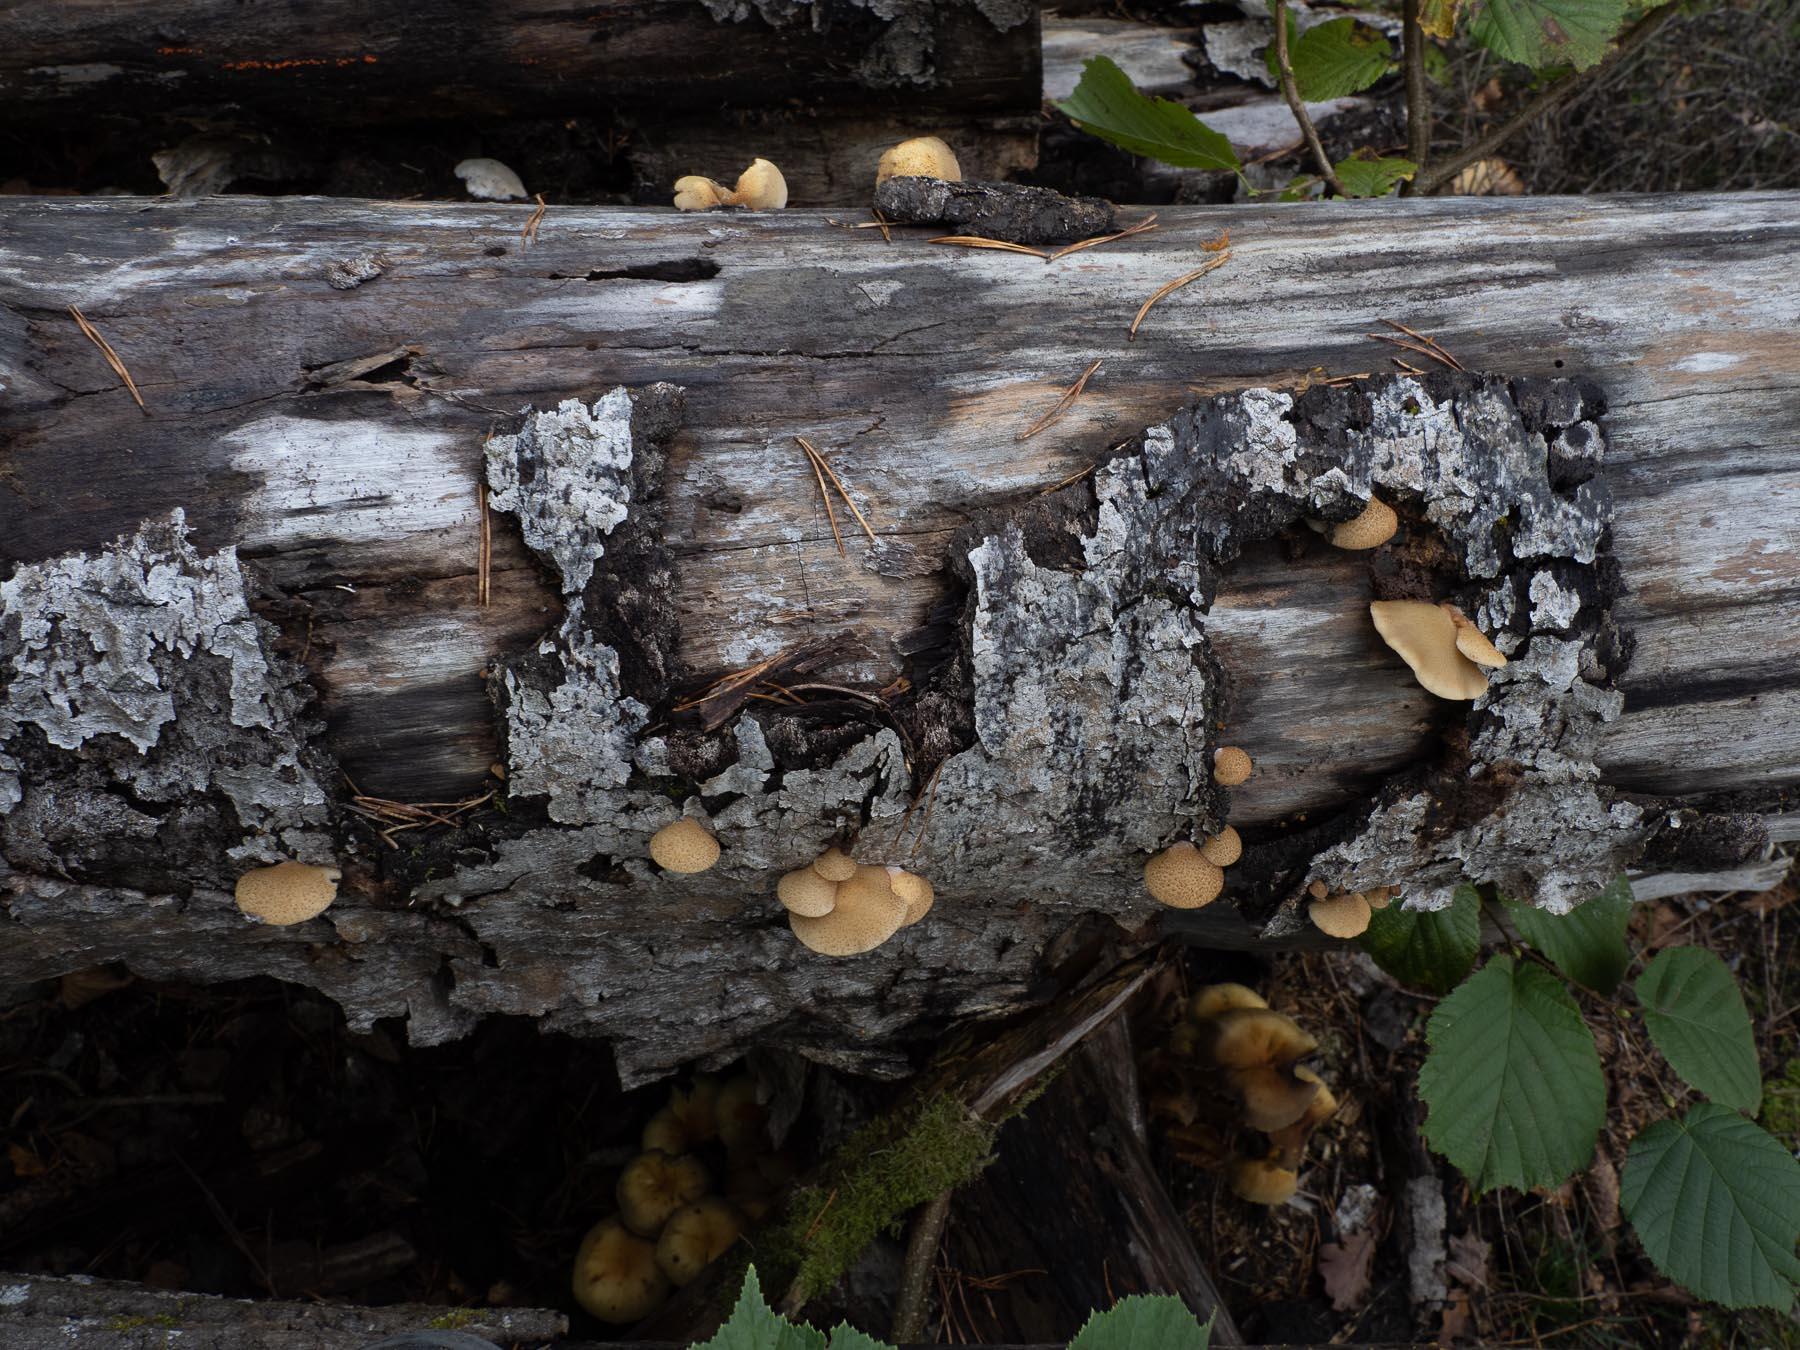 Крепидот красивочешуйчатый (Crepidotus calolepis) в природном парке Görväln, Стокгольм. октябрь 2020 года. Автор фото: Сутормина Марина